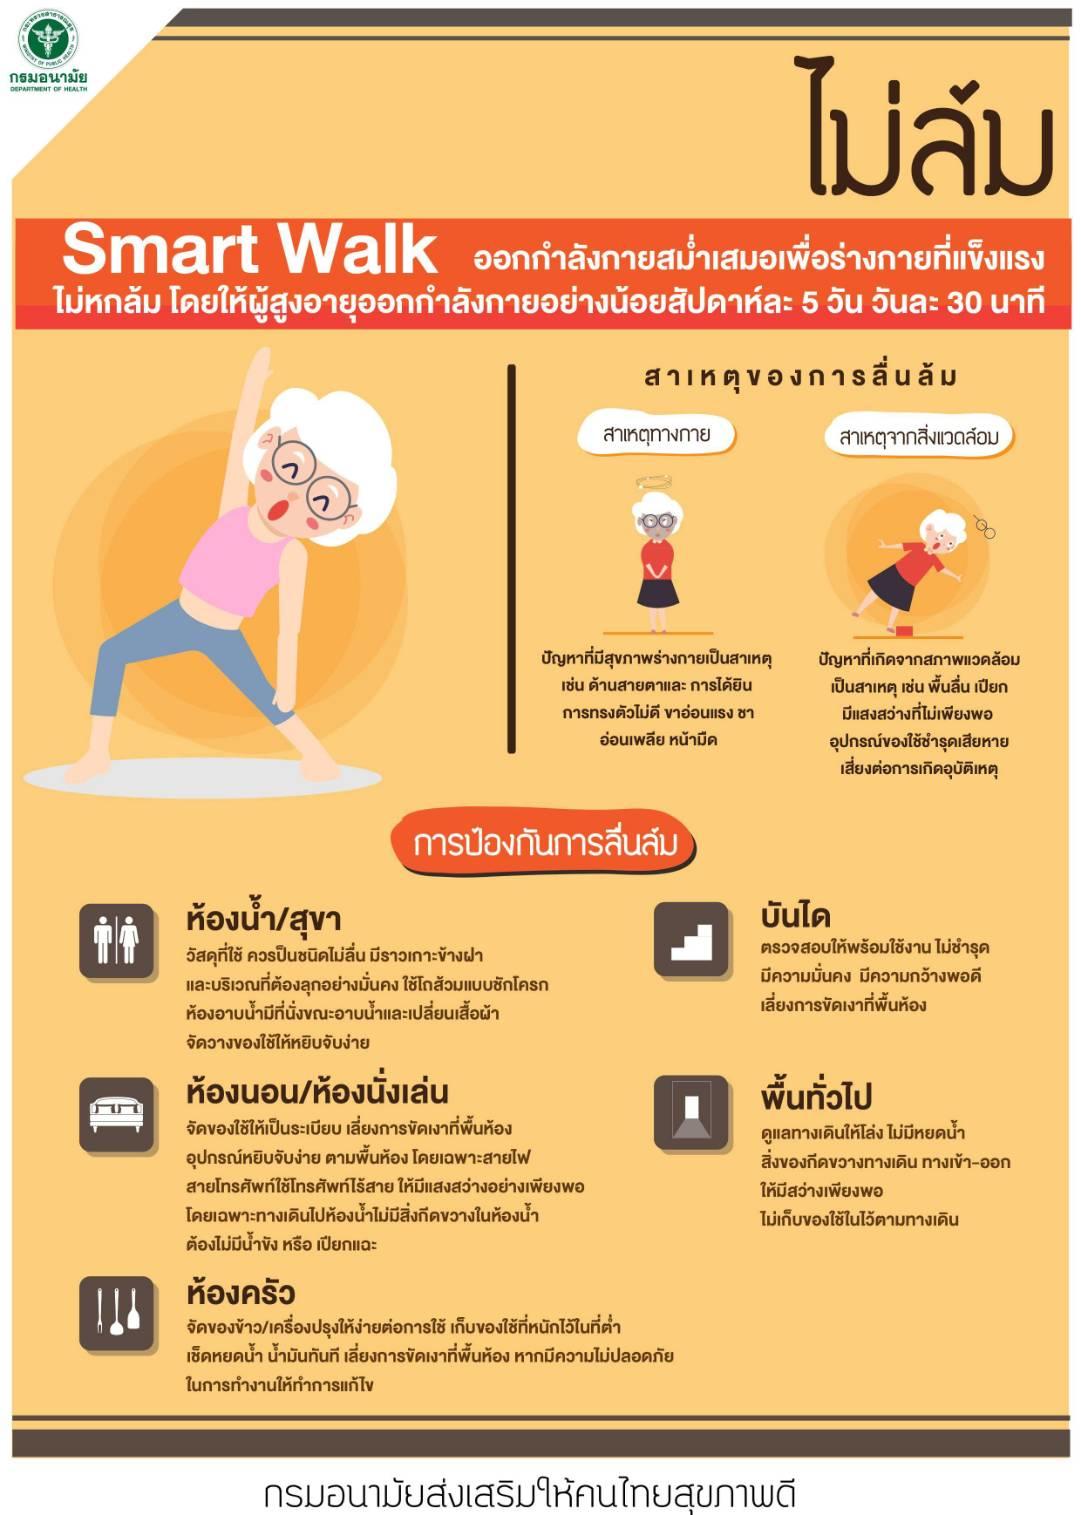 ไม่ล้ม Smart Walk